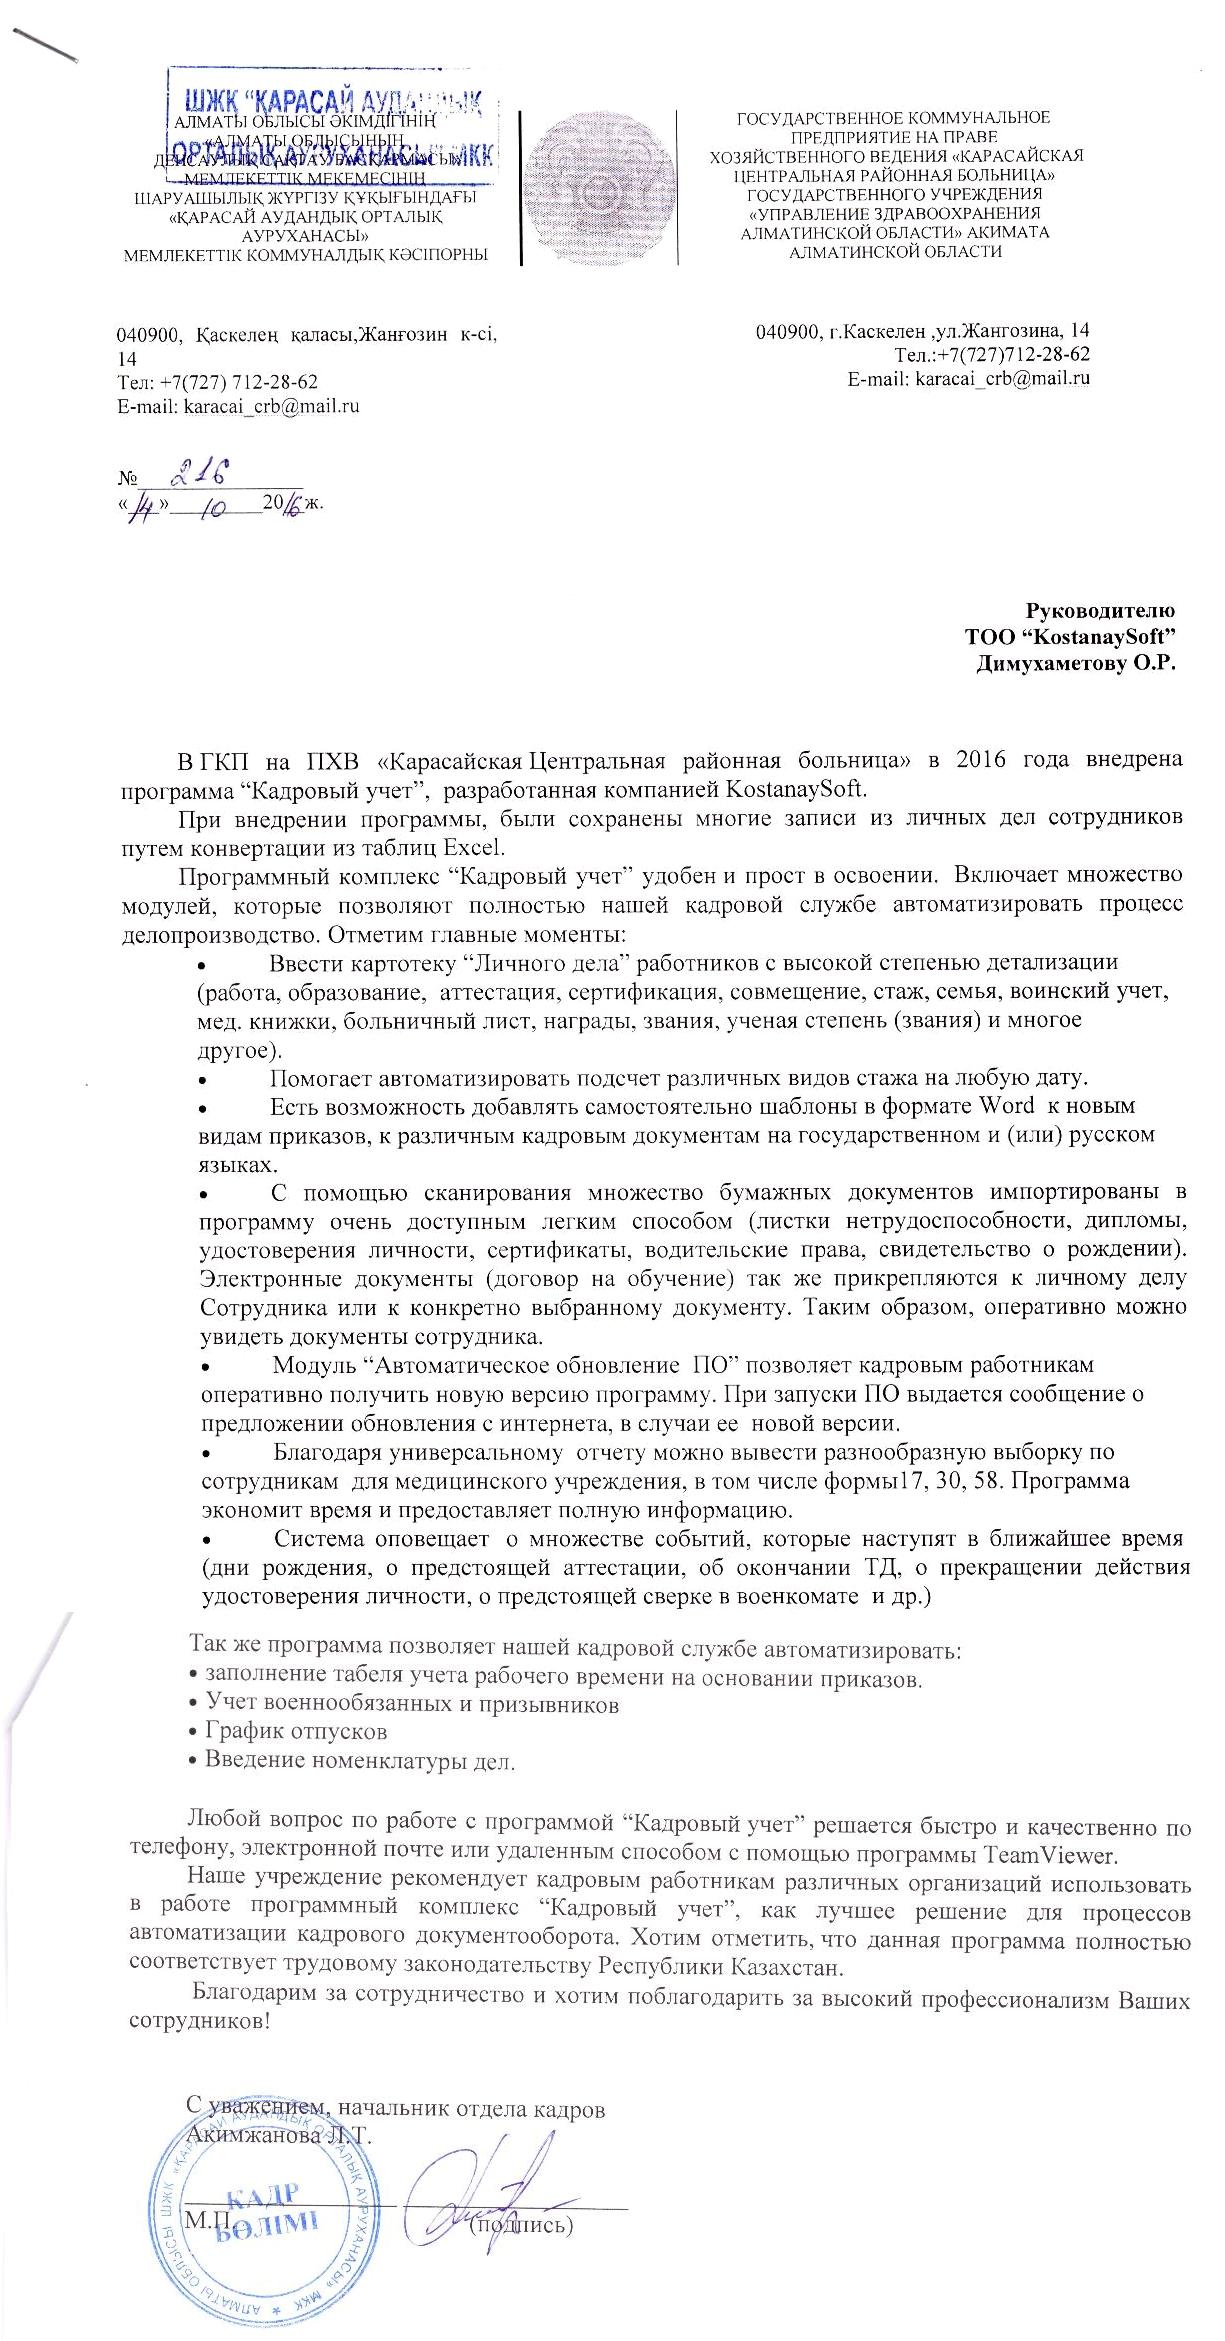 Отзыв о программе Кадровый учет РК от КЦБ Алматинская обл.